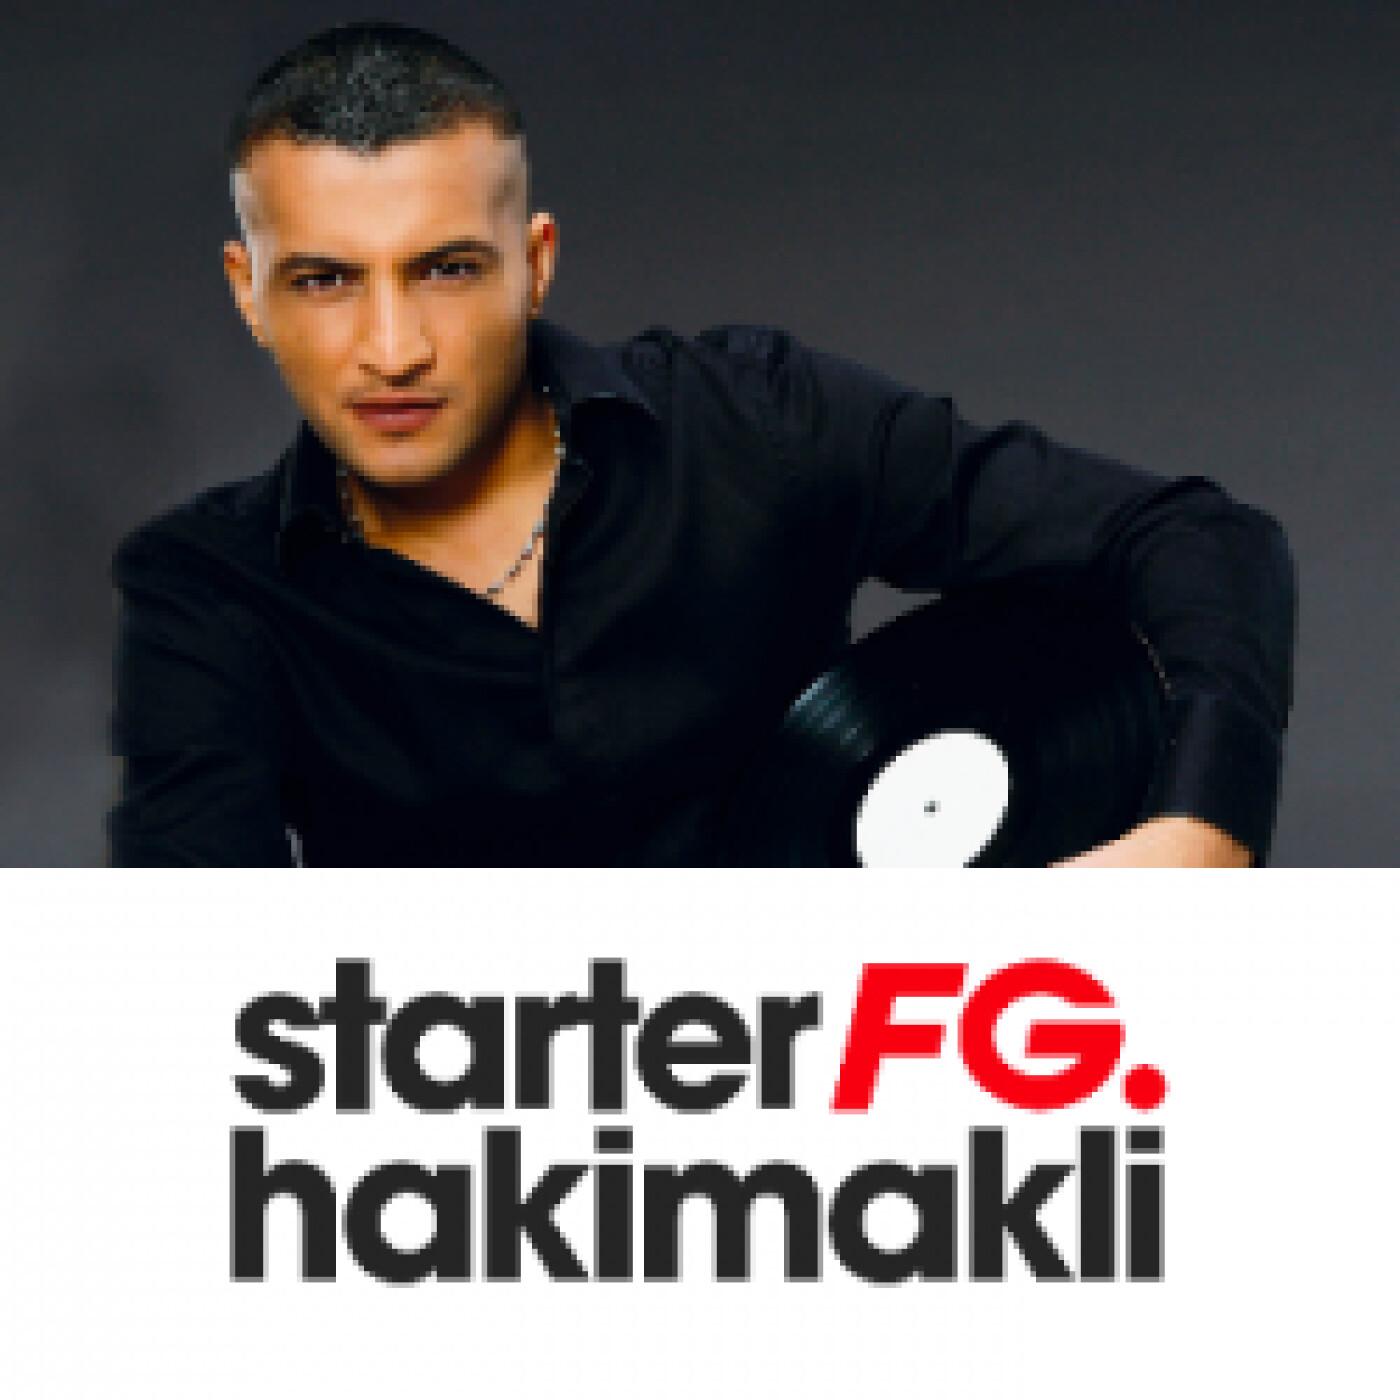 STARTER FG BY HAKIMAKLI JEUDI 28 JANVIER 2021